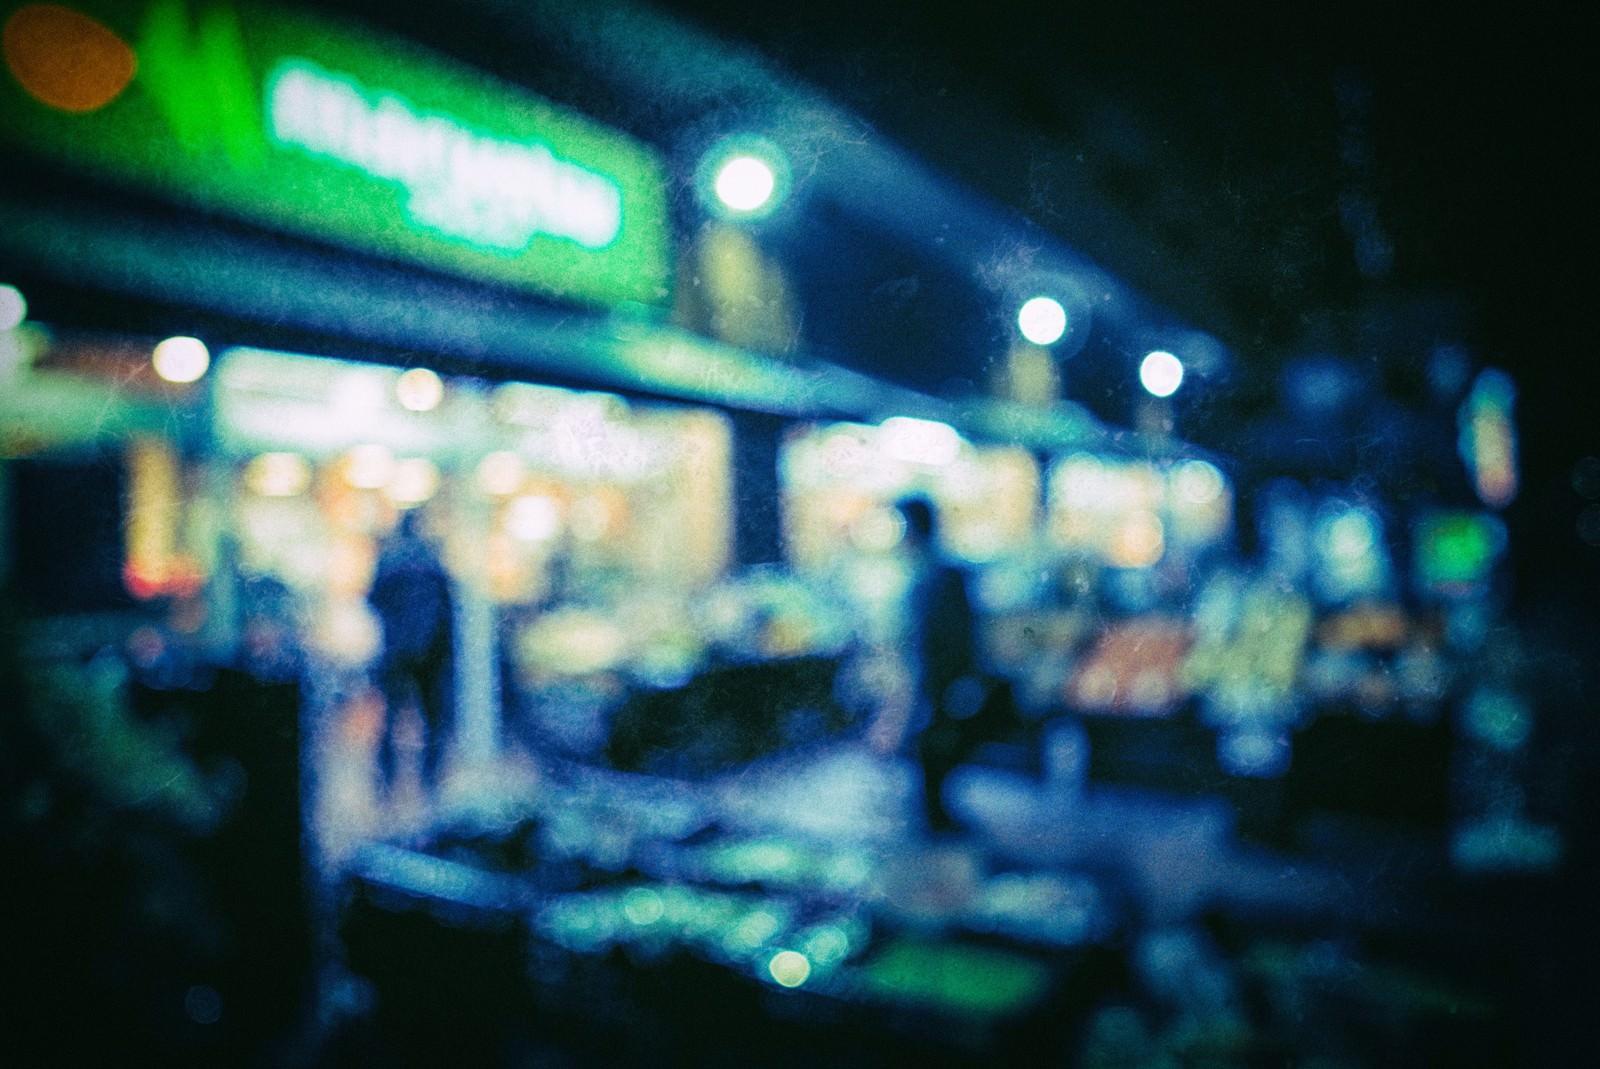 「深夜営業のスーパー(ボケ)深夜営業のスーパー(ボケ)」のフリー写真素材を拡大